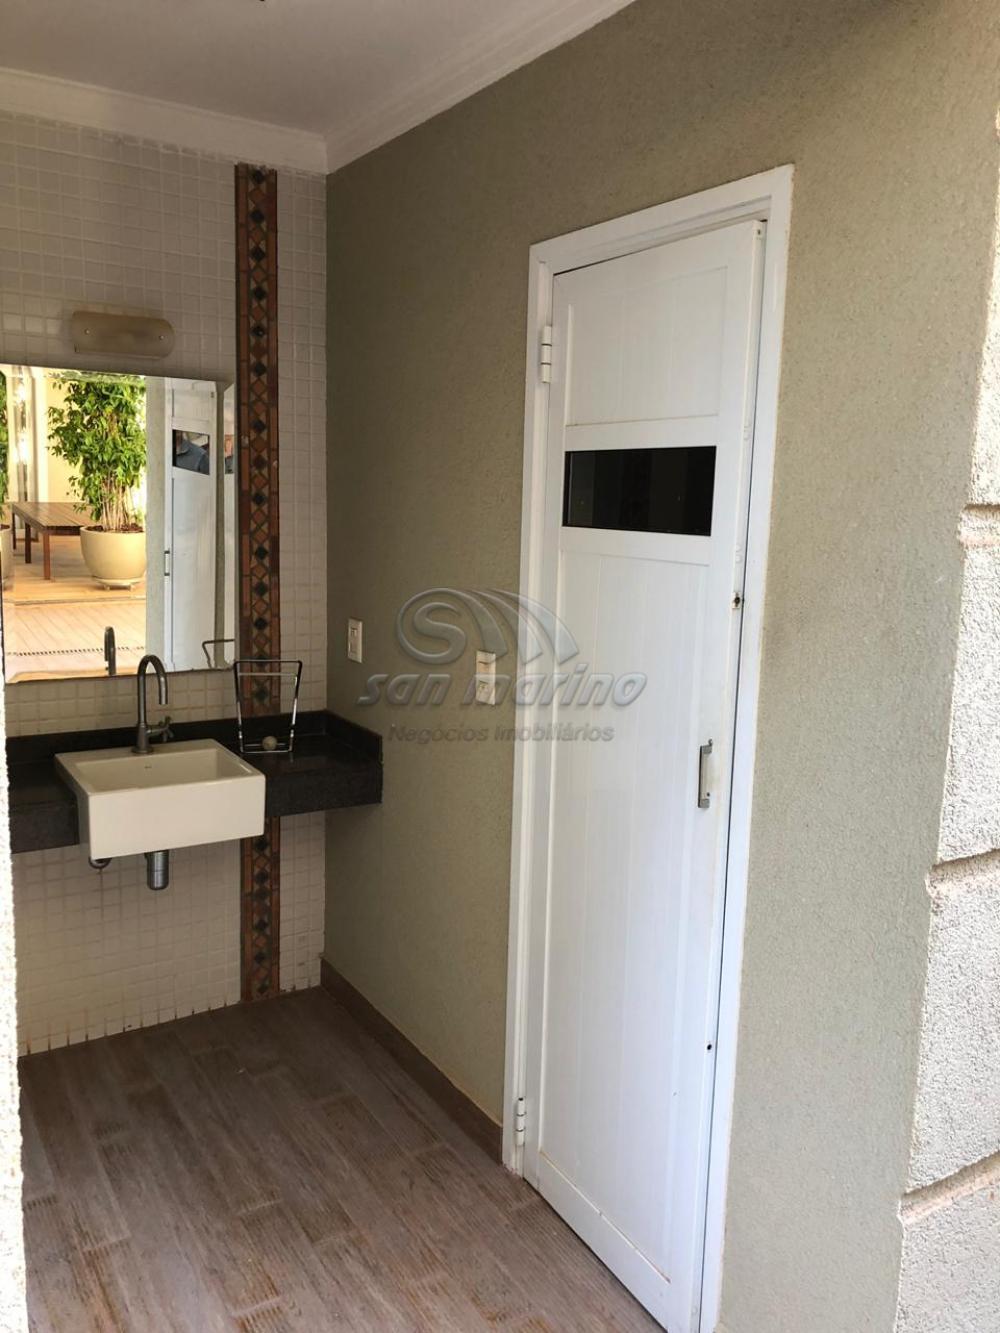 Casas / Condomínio em Ribeirão Preto - foto 26